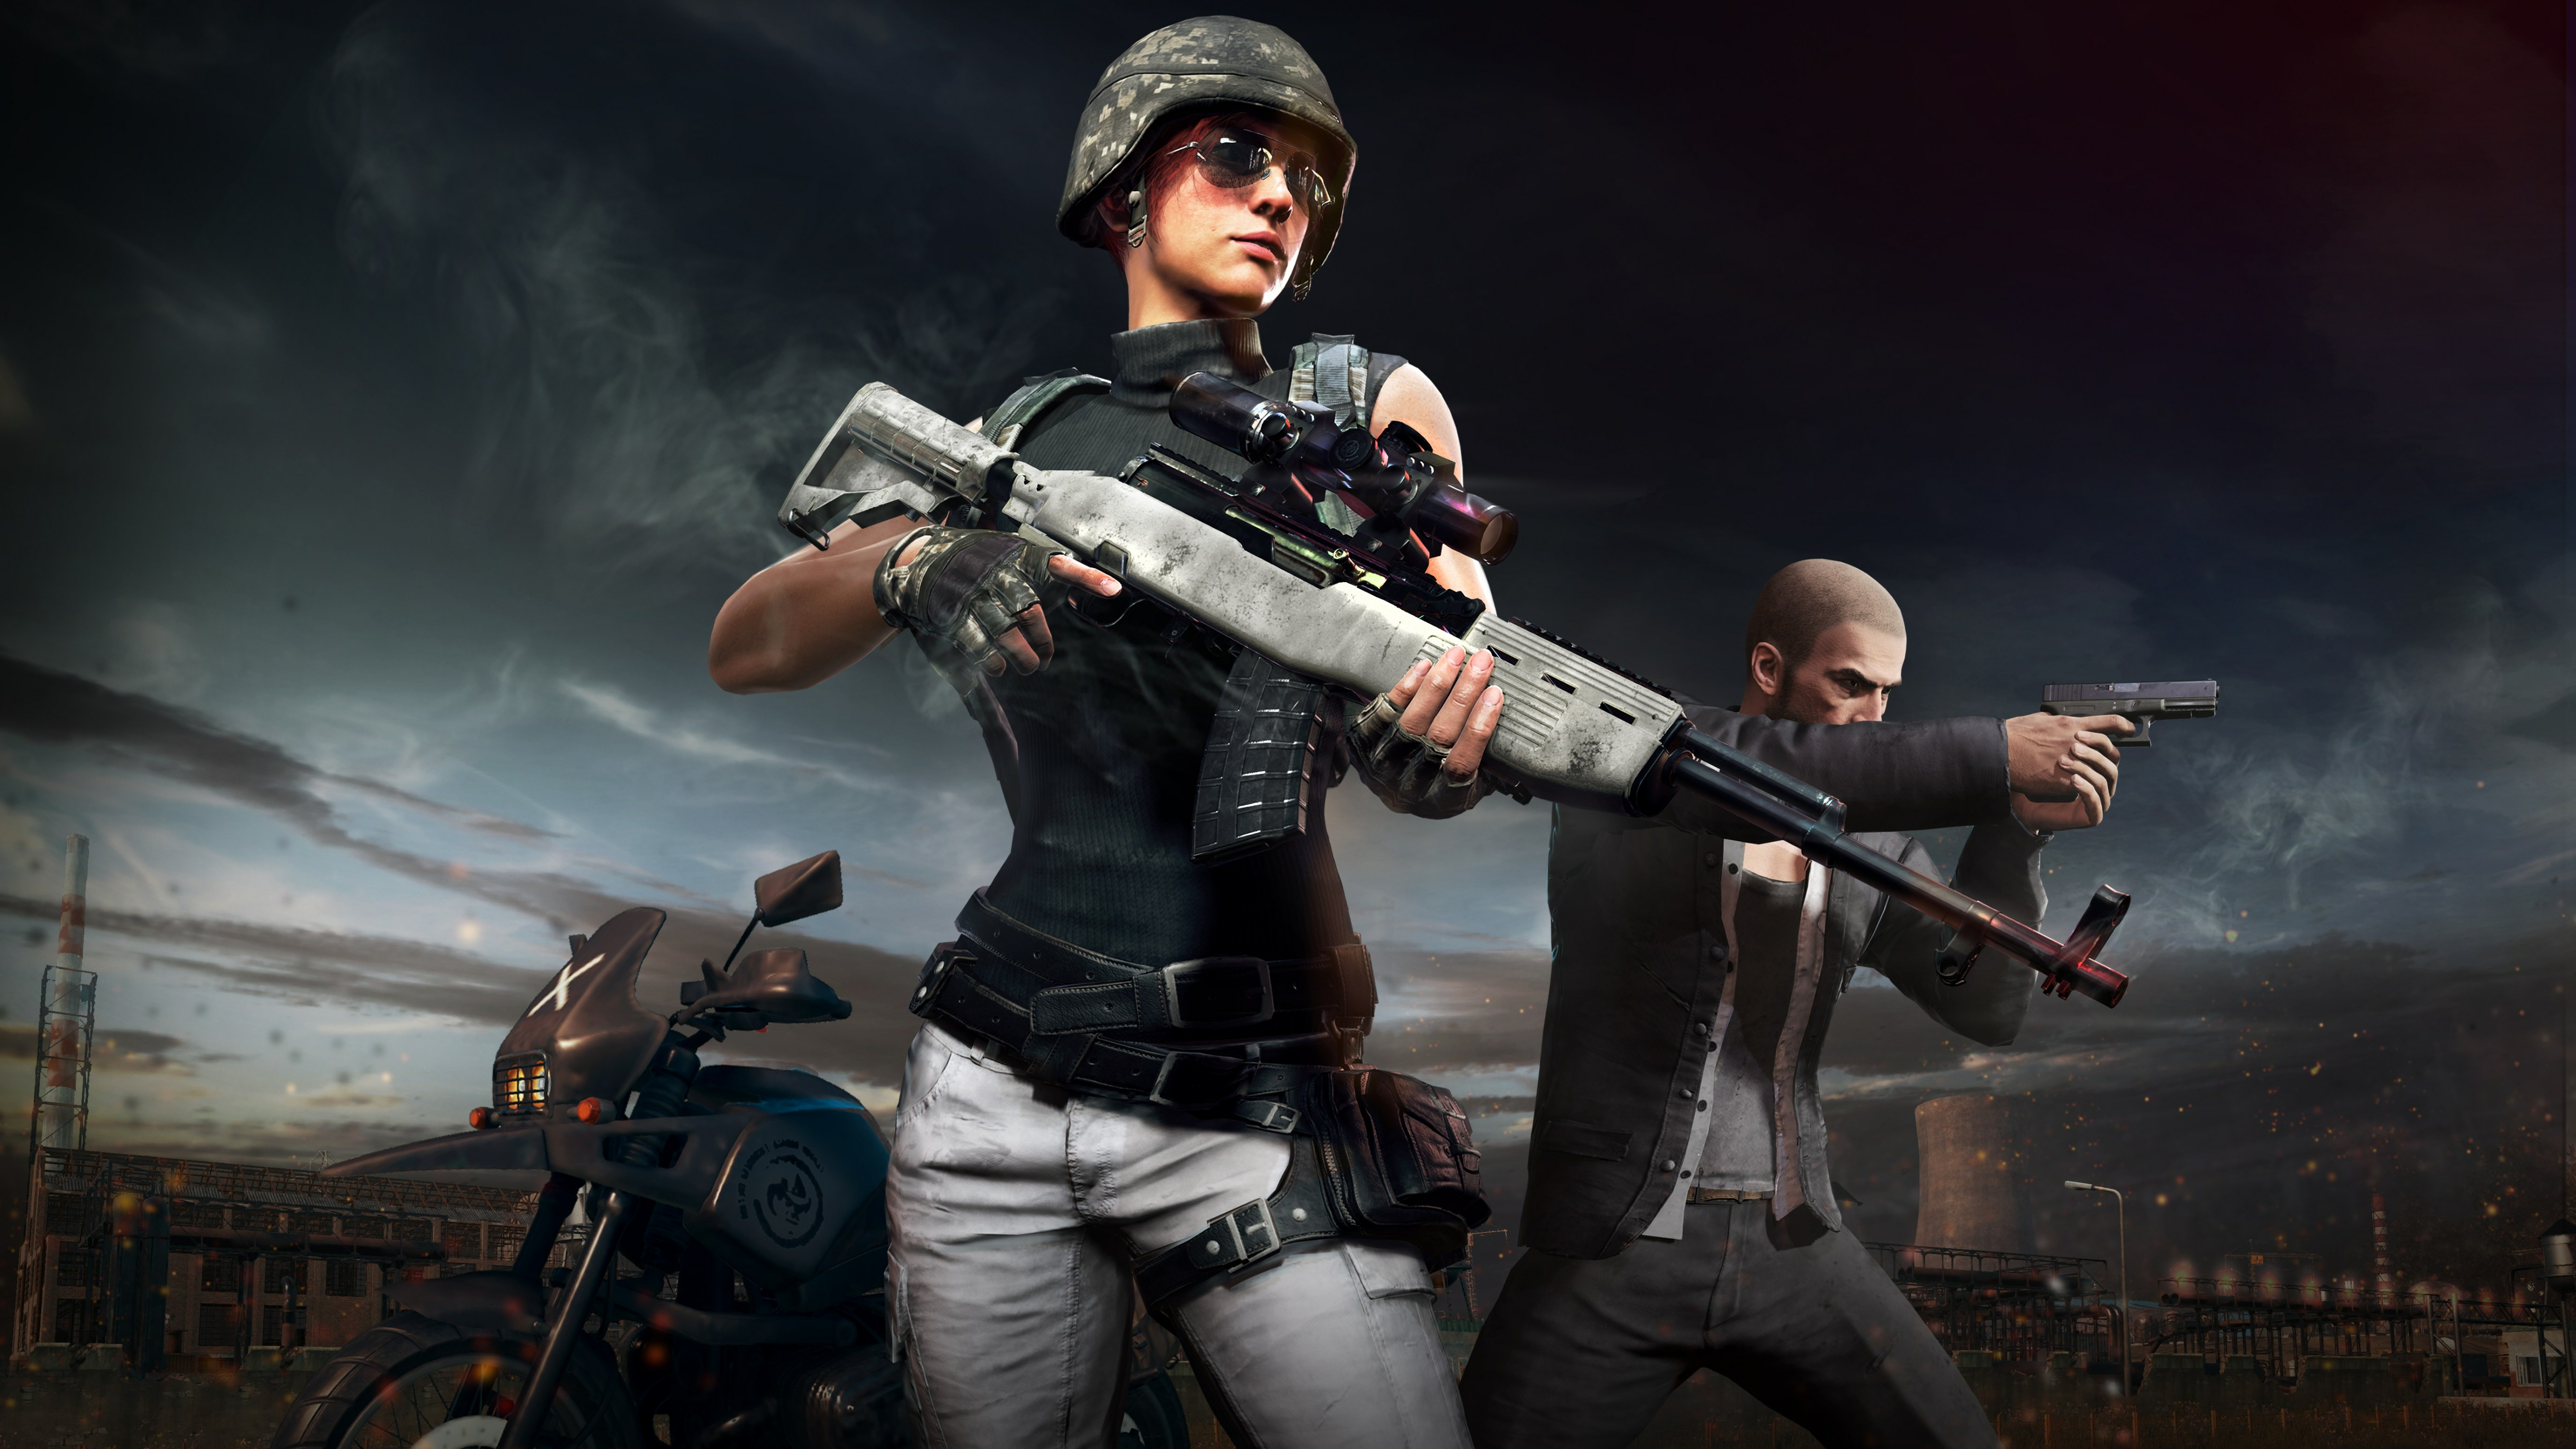 5120x2880 Playerunknowns Battlegrounds Game 5k Wallpaper